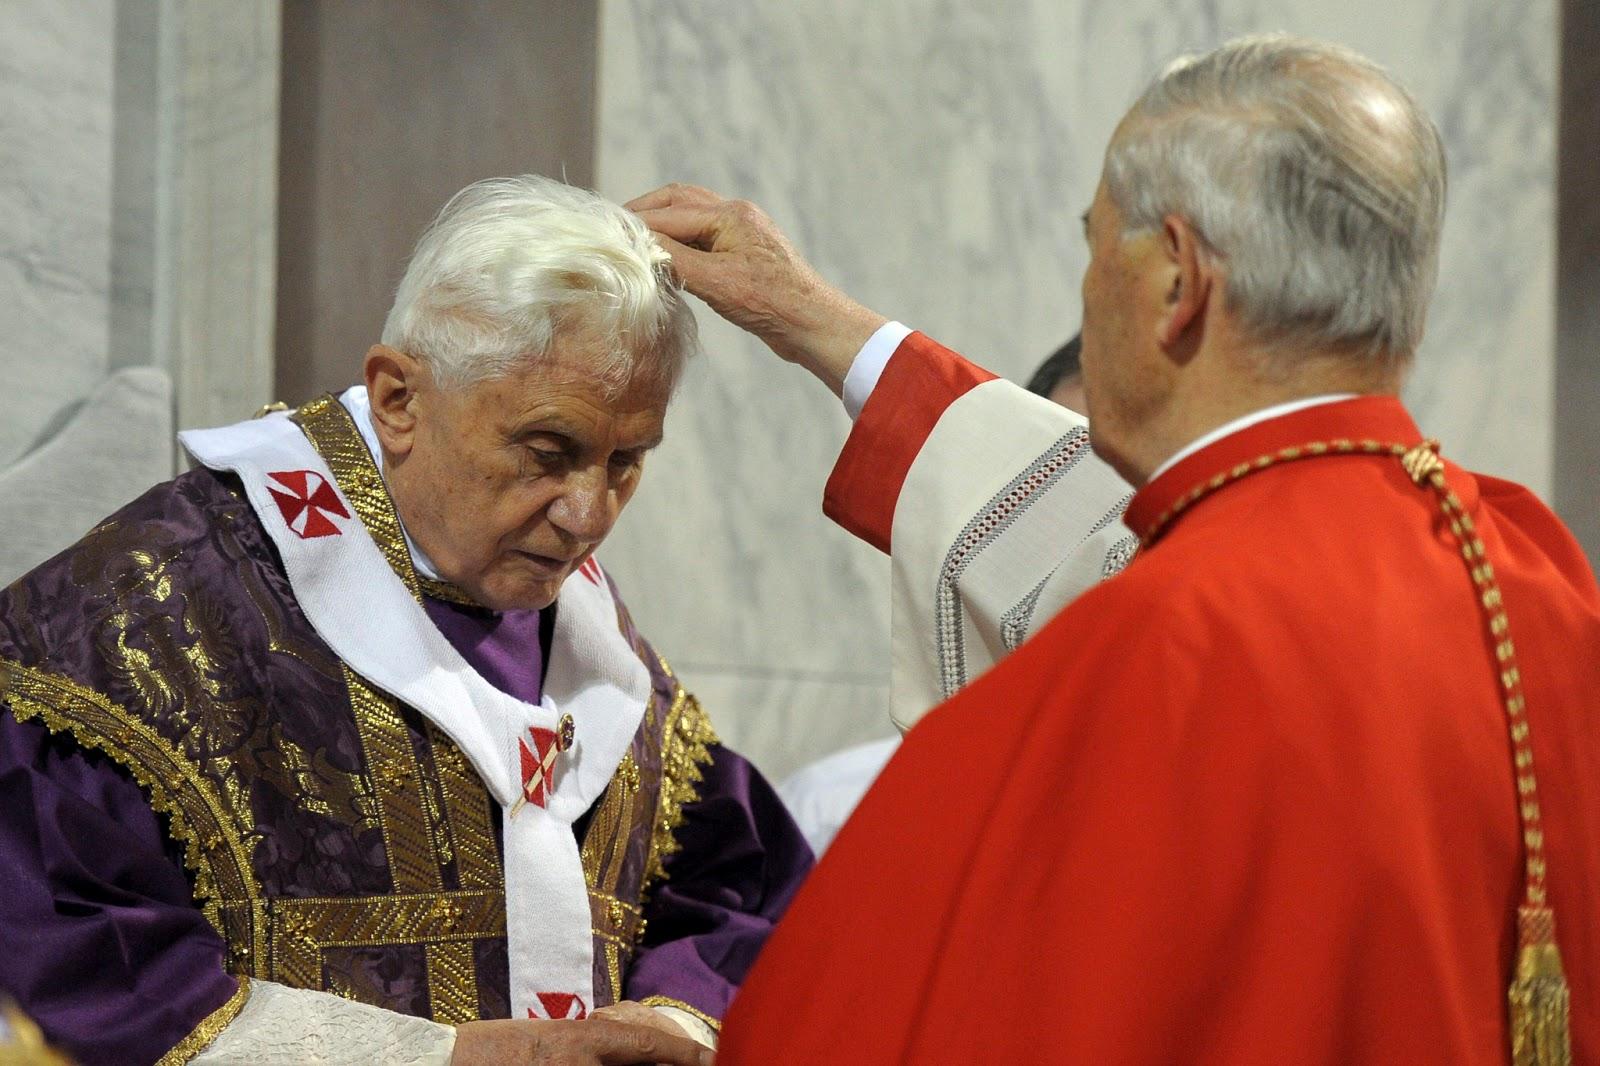 benedicto XVI miercoles de ceniza enciclicas oraciones exhortaciones apostolicas krouillong sacrilegio comunion en la mano 31